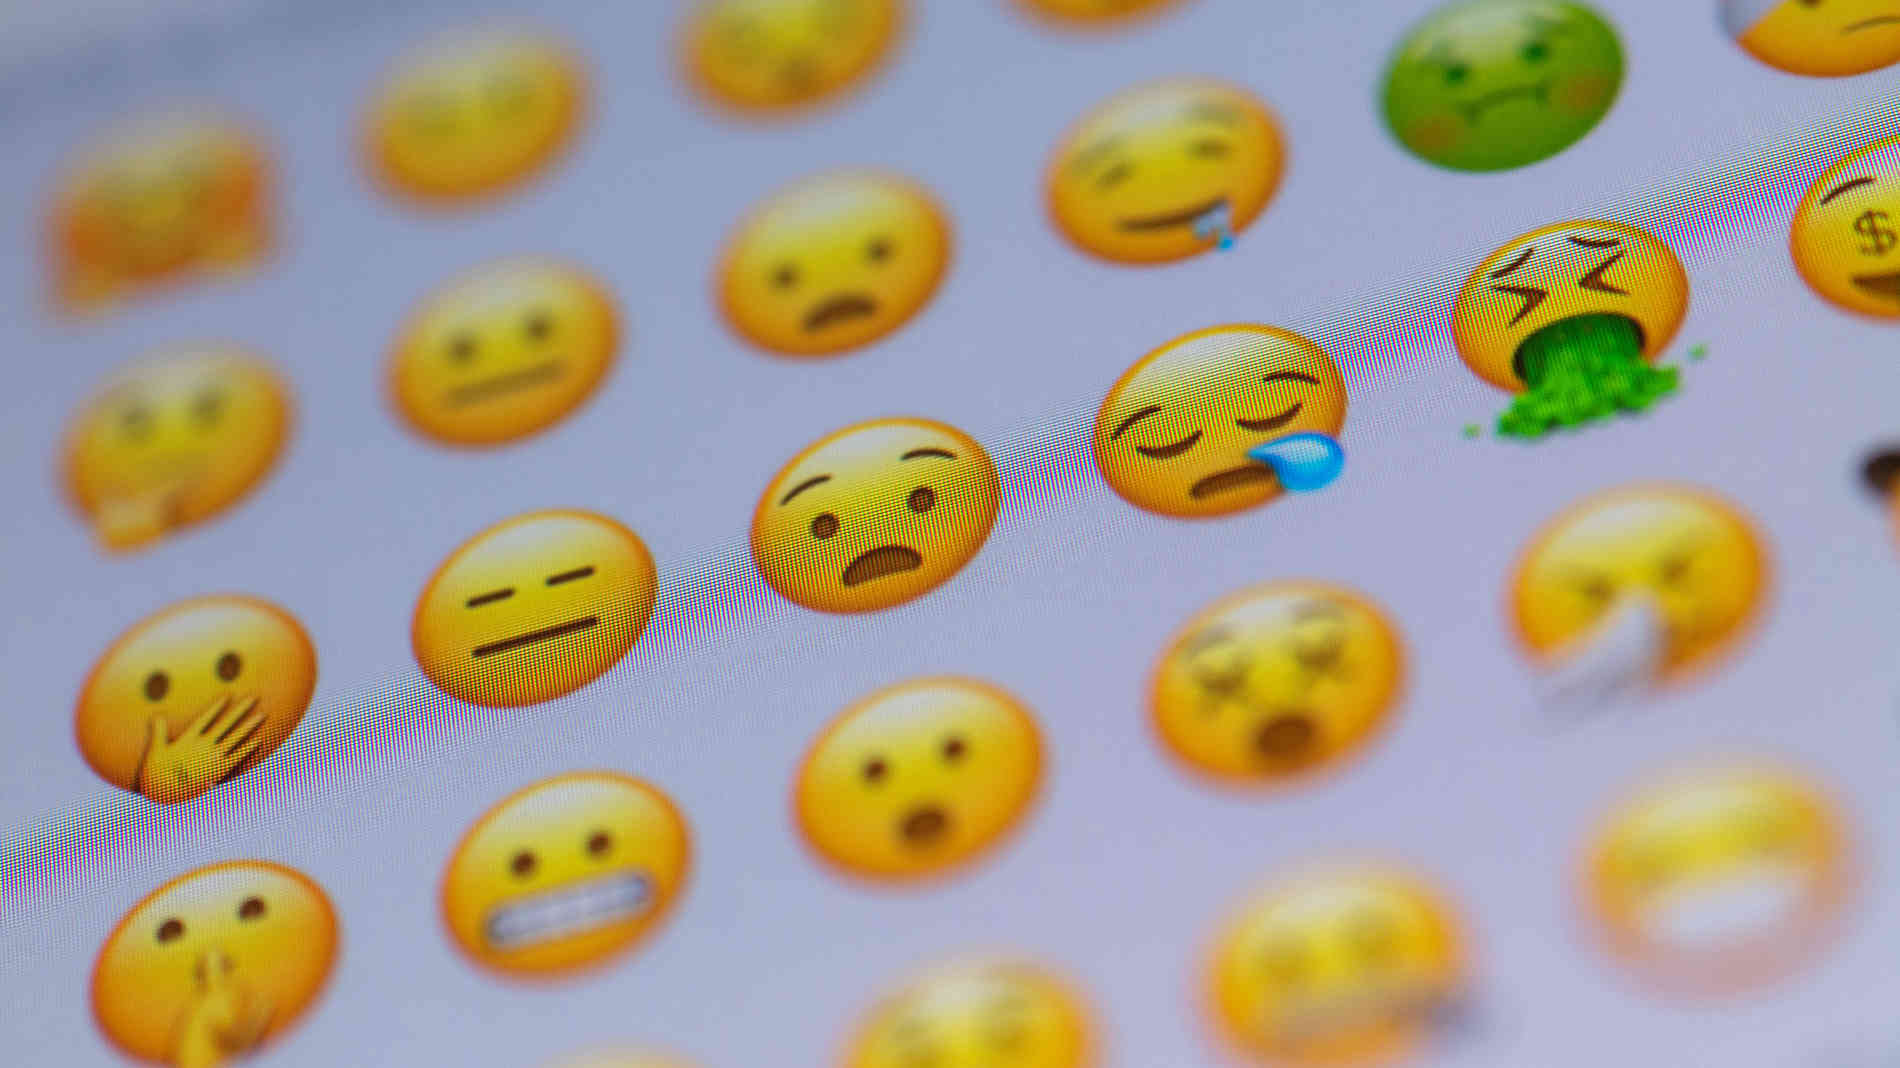 Emojis deutsch von bedeutung Smileys in